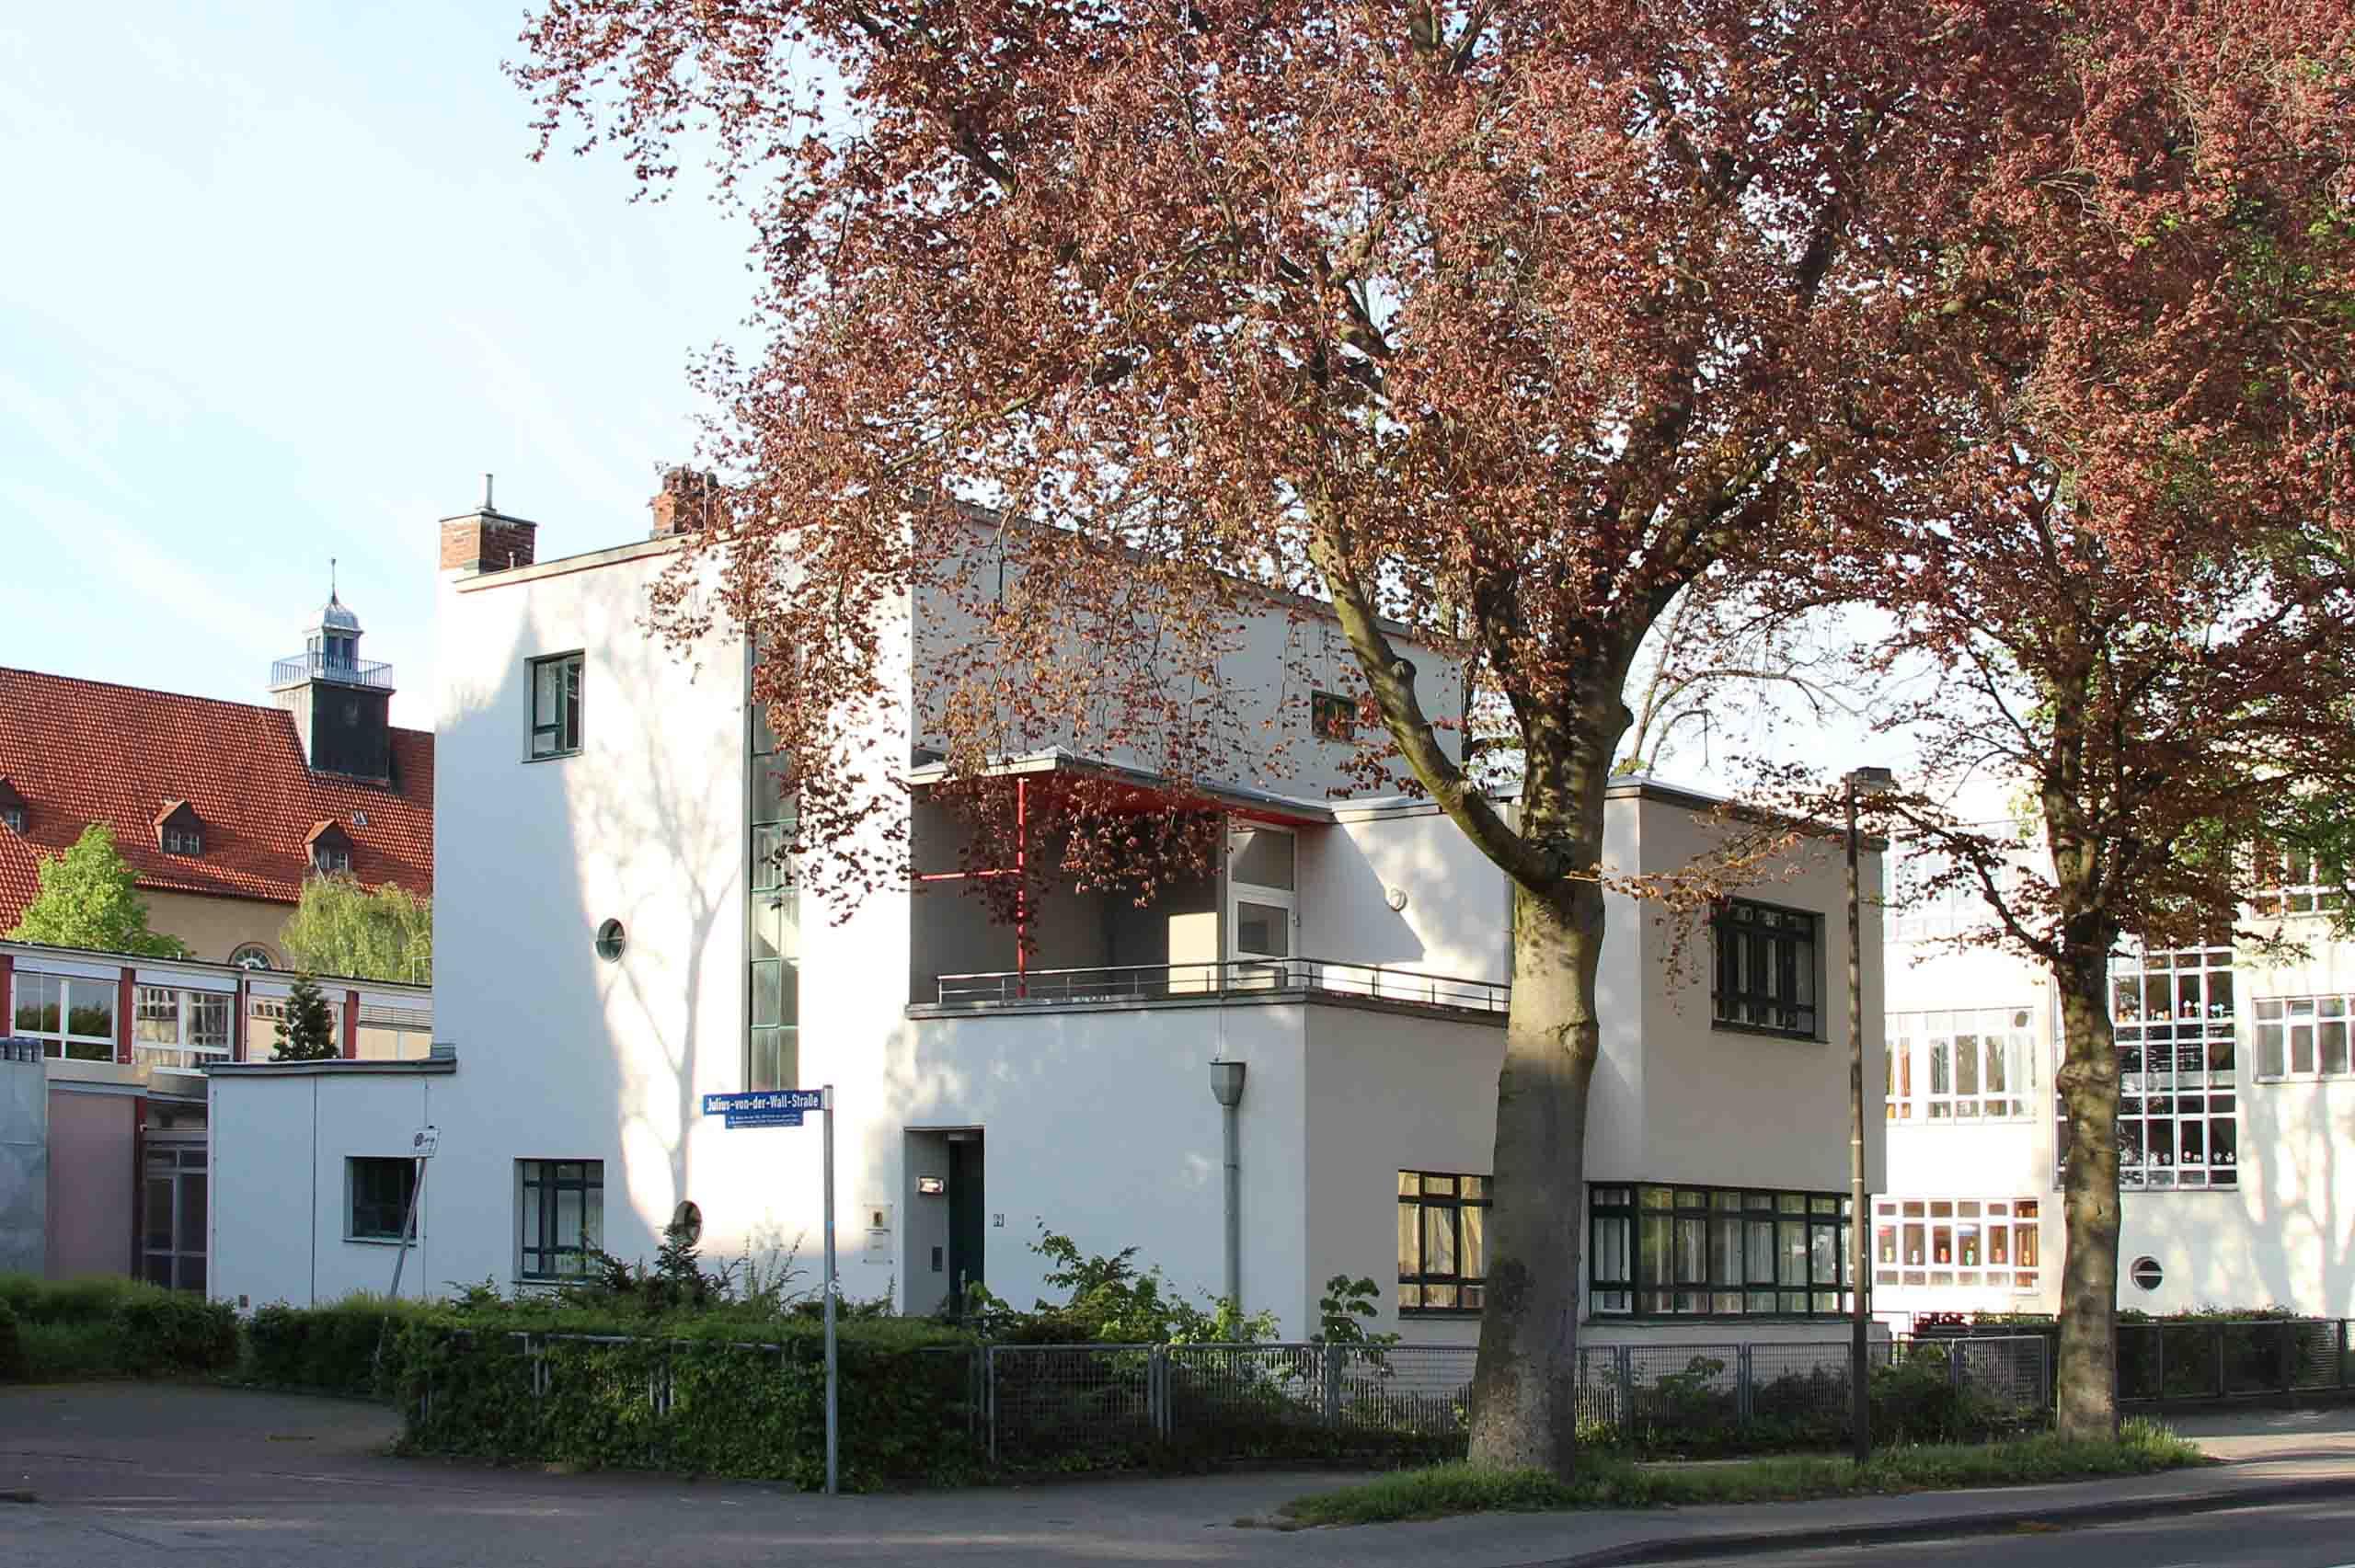 Rektorwohnhaus in Celle von außen